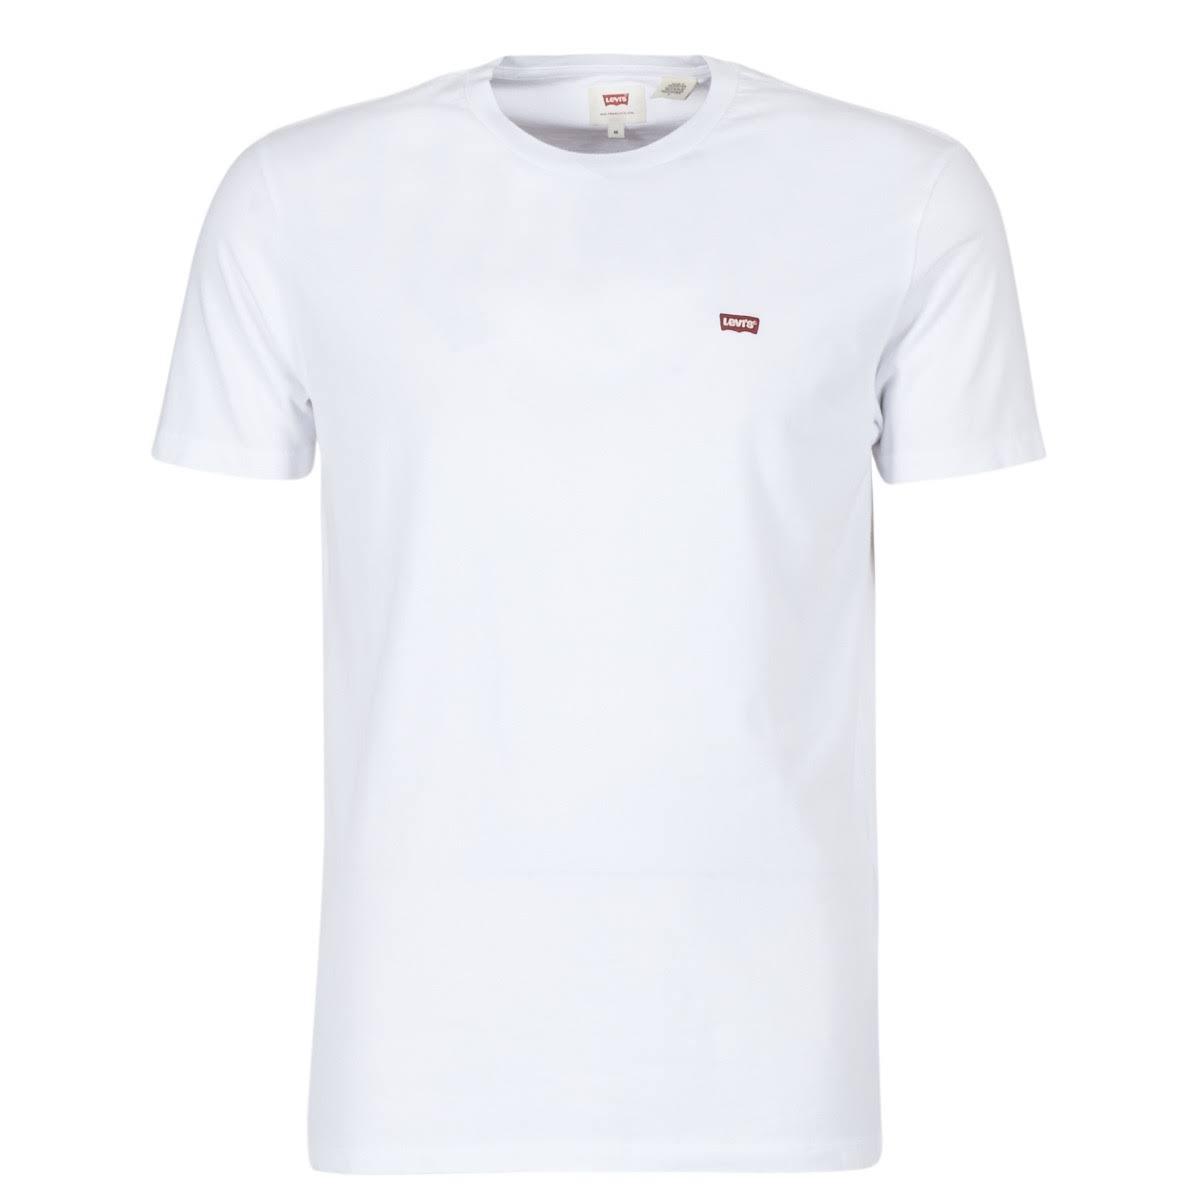 Hombre Levi's Parche Original Y 501 Algodón Básica Blanco Para Tee Camiseta Tamaño Xs wwgxHqZn